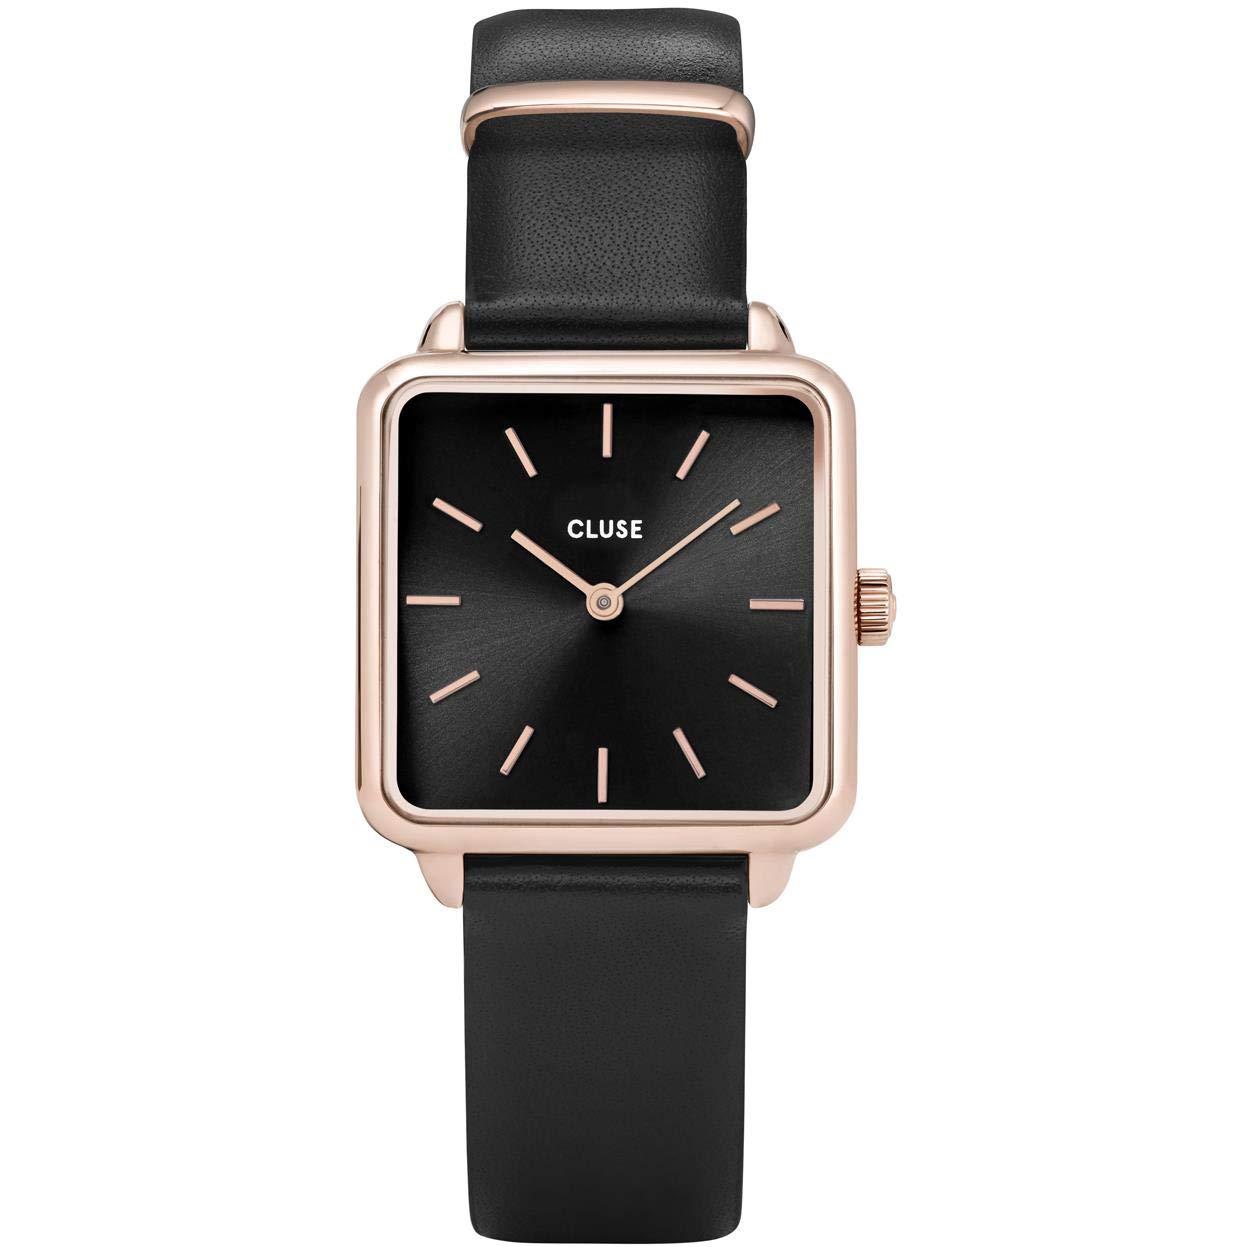 CLUSE LA TÉTRAGONE Rose Gold Black Black CL60007 Women's Watch 29mm Square Dial Leather Strap Minimalistic Design Casual Dress Japanese Quartz Elegant Timepiece